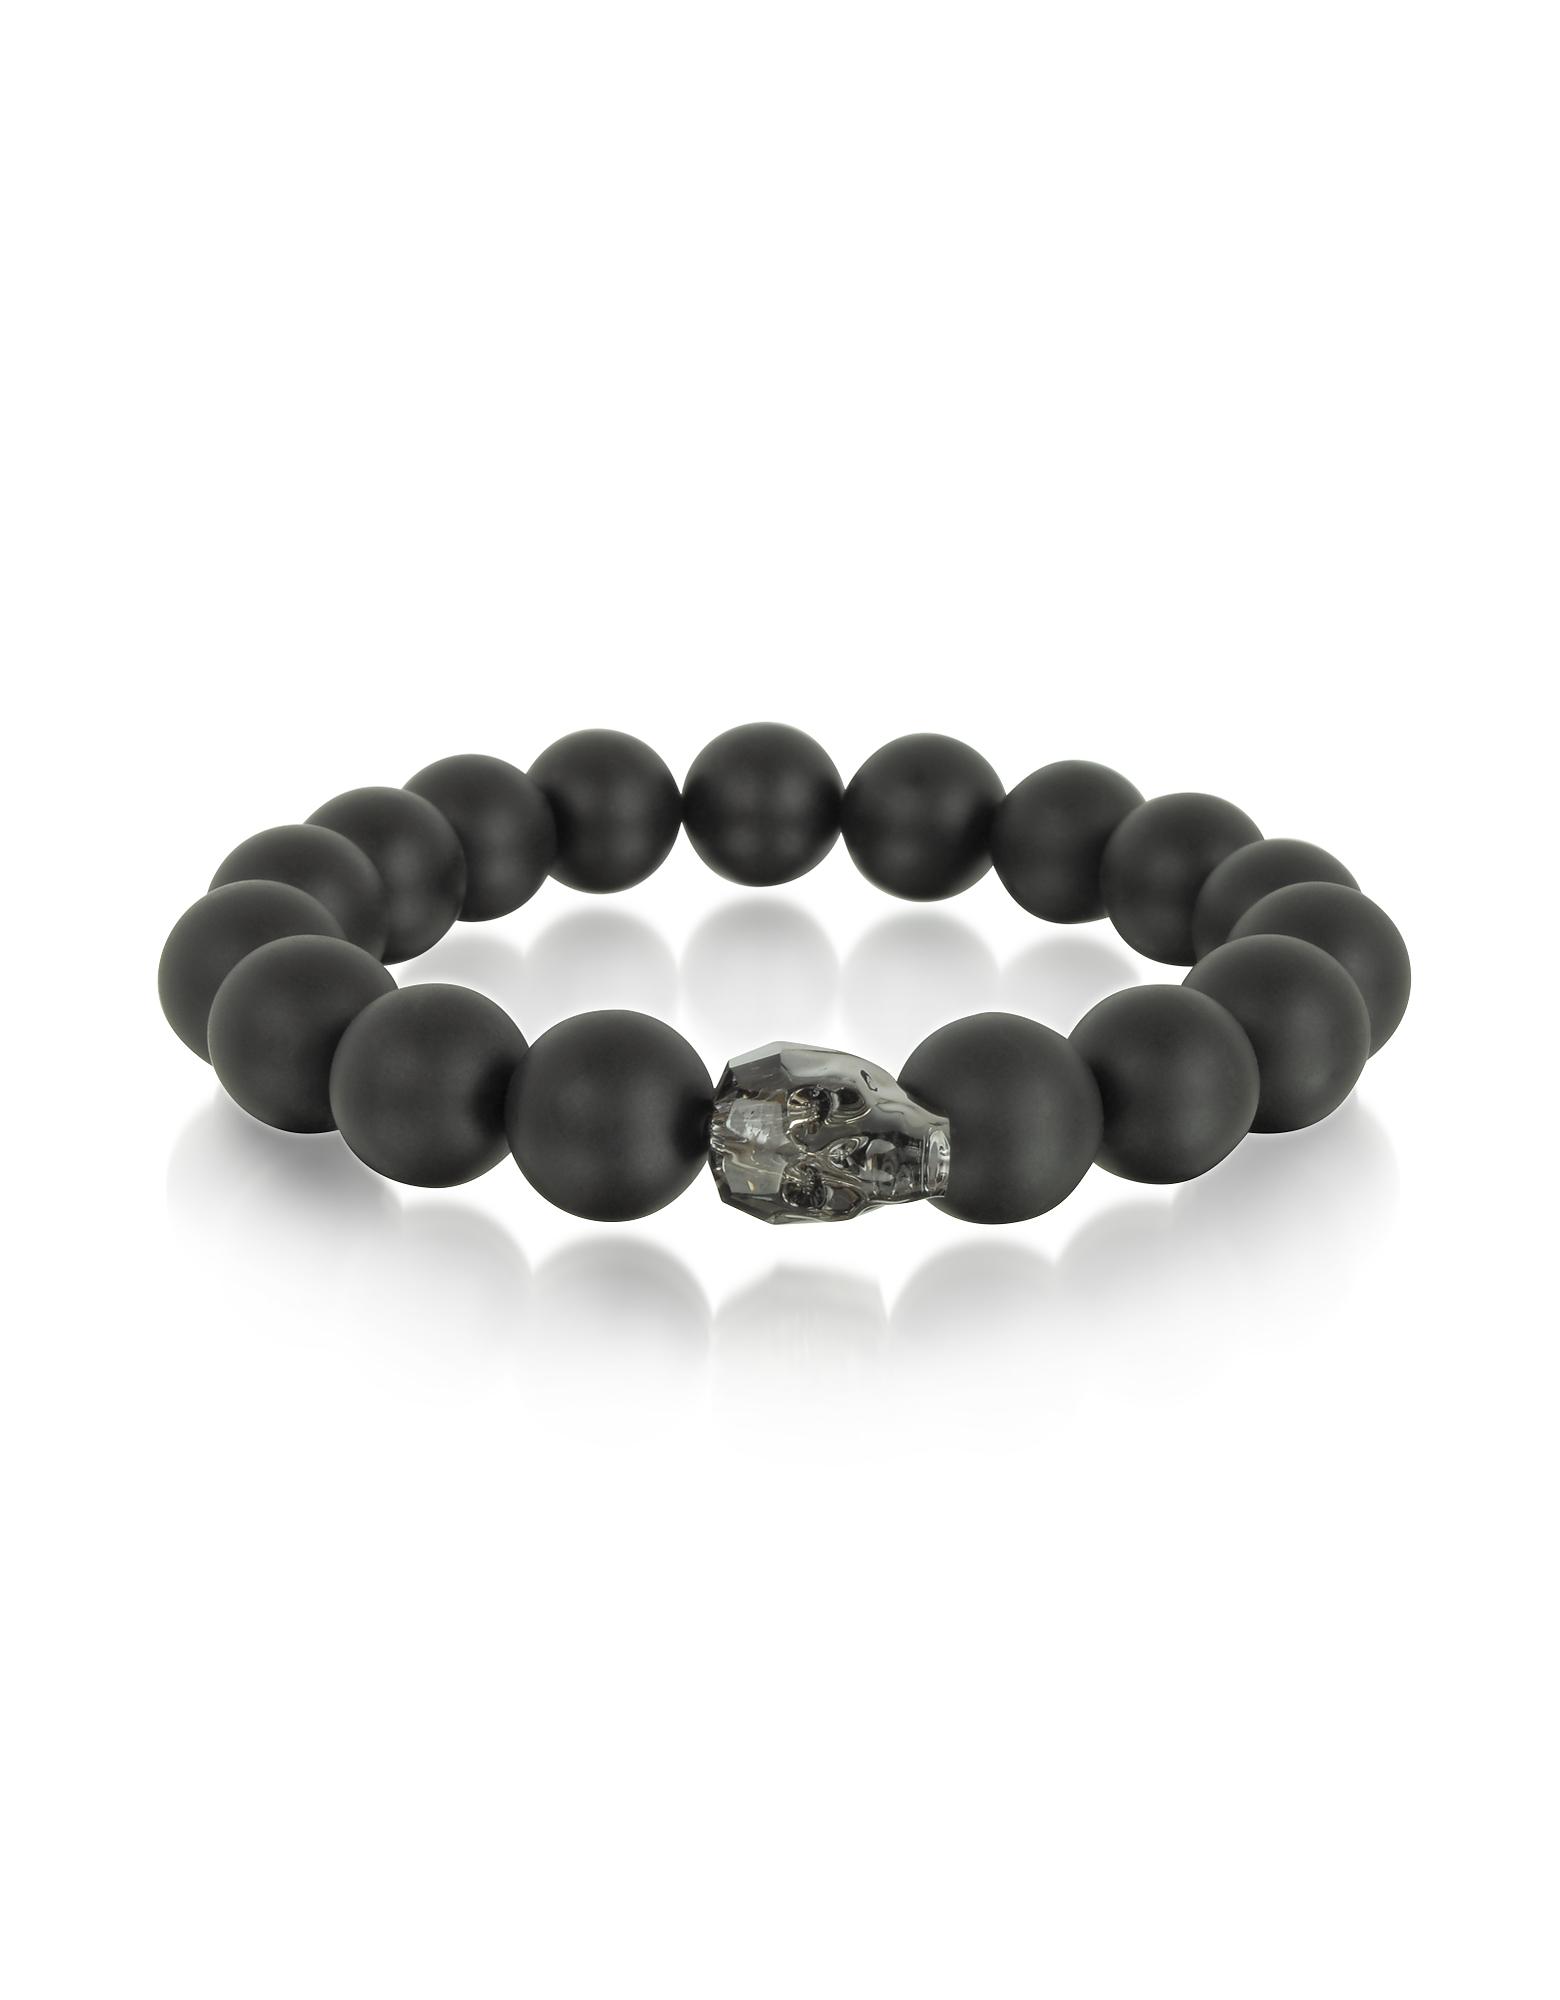 Blackbourne Men's Bracelets, Black Agate Stone Men's Bracelet w/Gunmetal Swarovski Crystal Skull